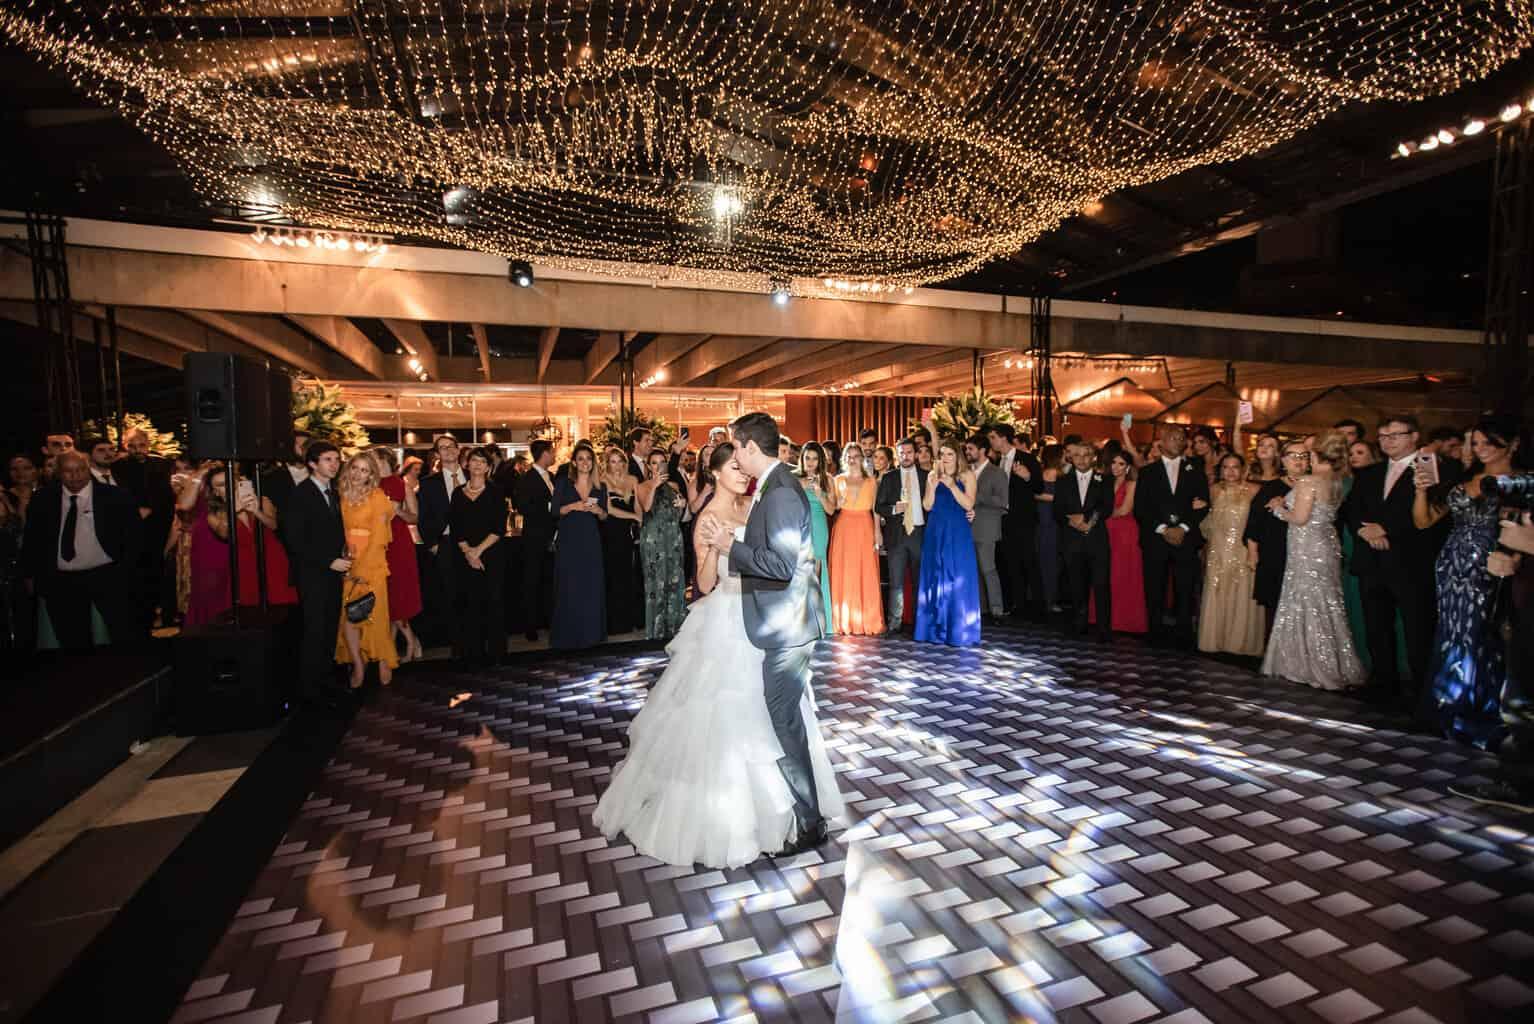 casamento-Karynna-e-Fernando-cerimonial-TCD-Eventos-festa-no-MAM-fotografia-Marina-Fava-pista112